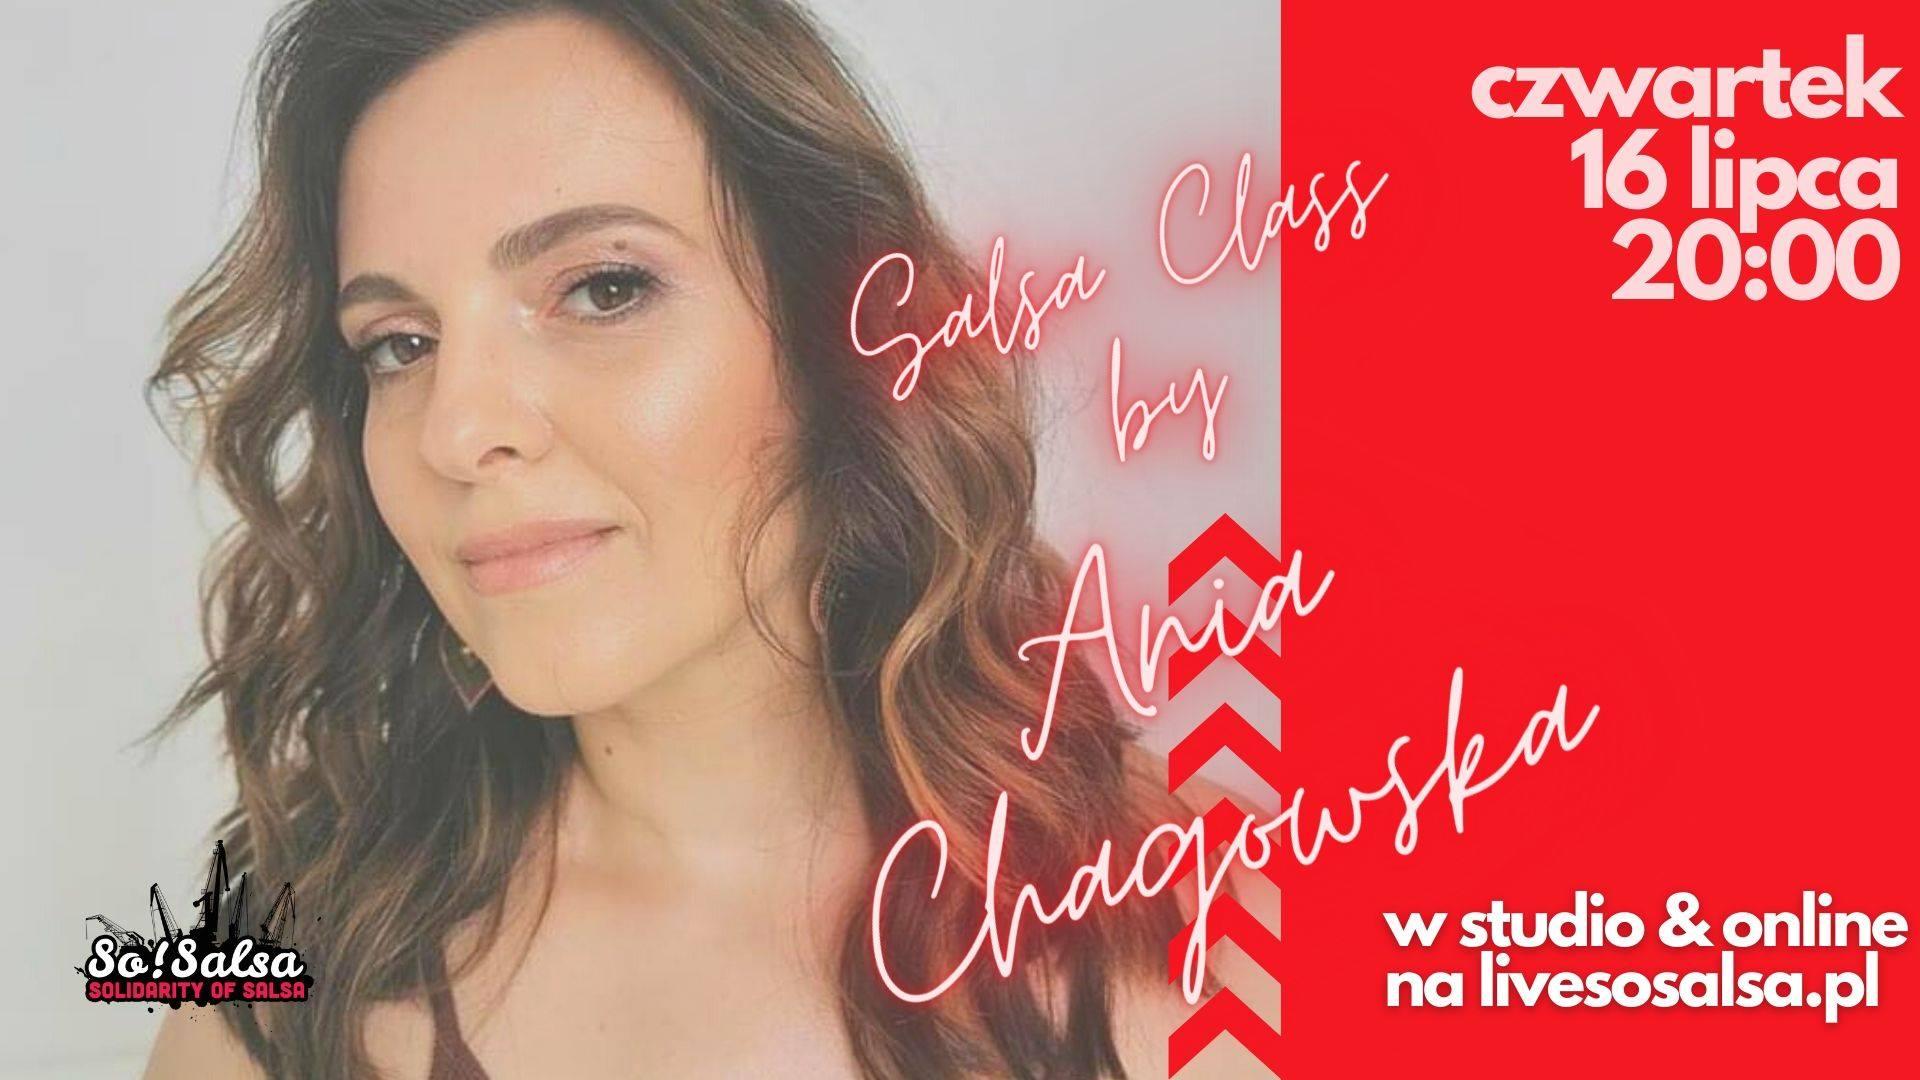 Salsa Class z Anią Chagowską - w studio & online!